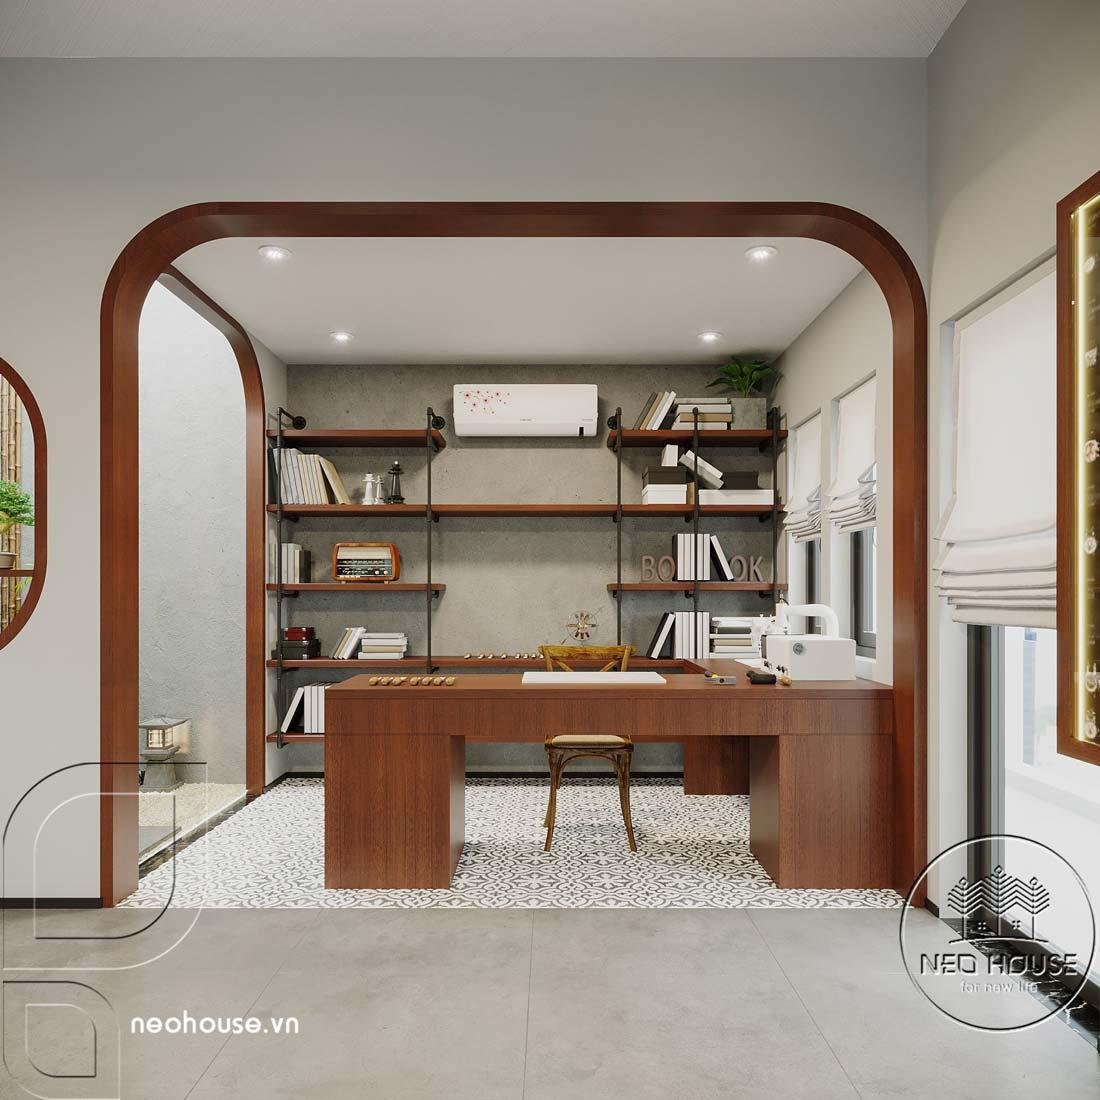 Nội thất nhà biệt thự đẹp 180m2 phong cách Indochine. Ảnh 7